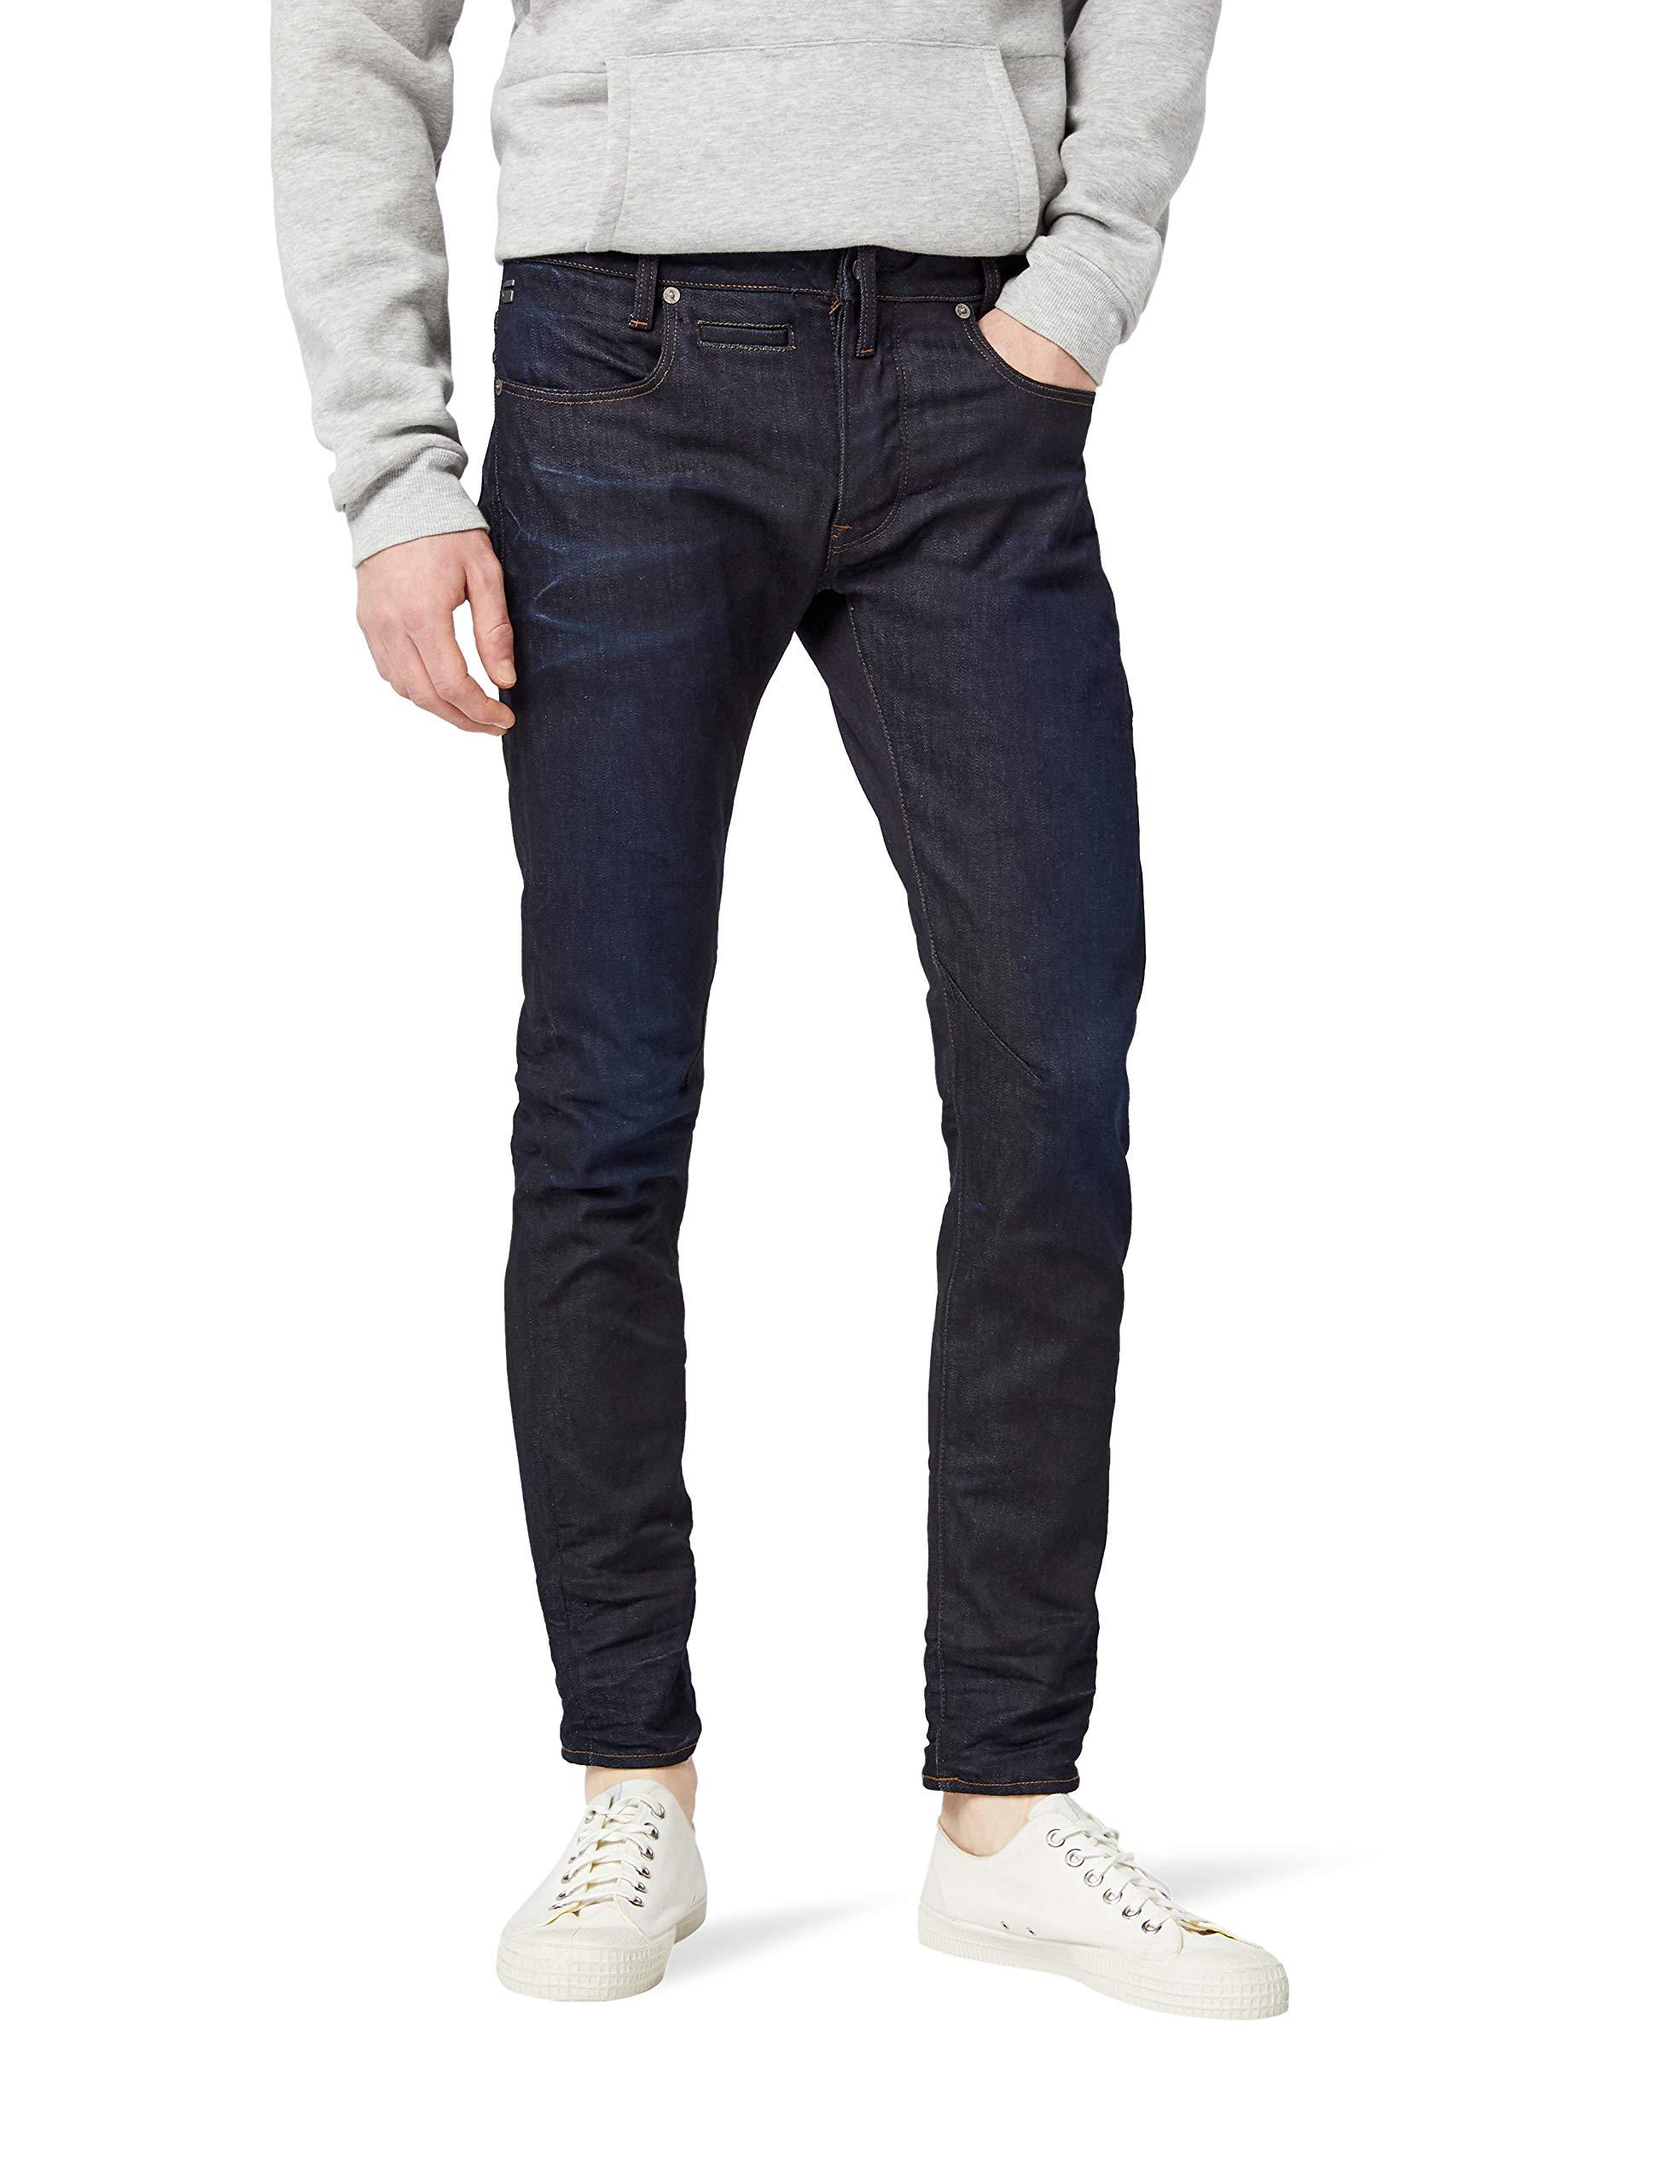 8934w34l 5 Aged pocket 7209 Homme star DStaq Slim Raw JeansBleudk G orCxhdBtsQ